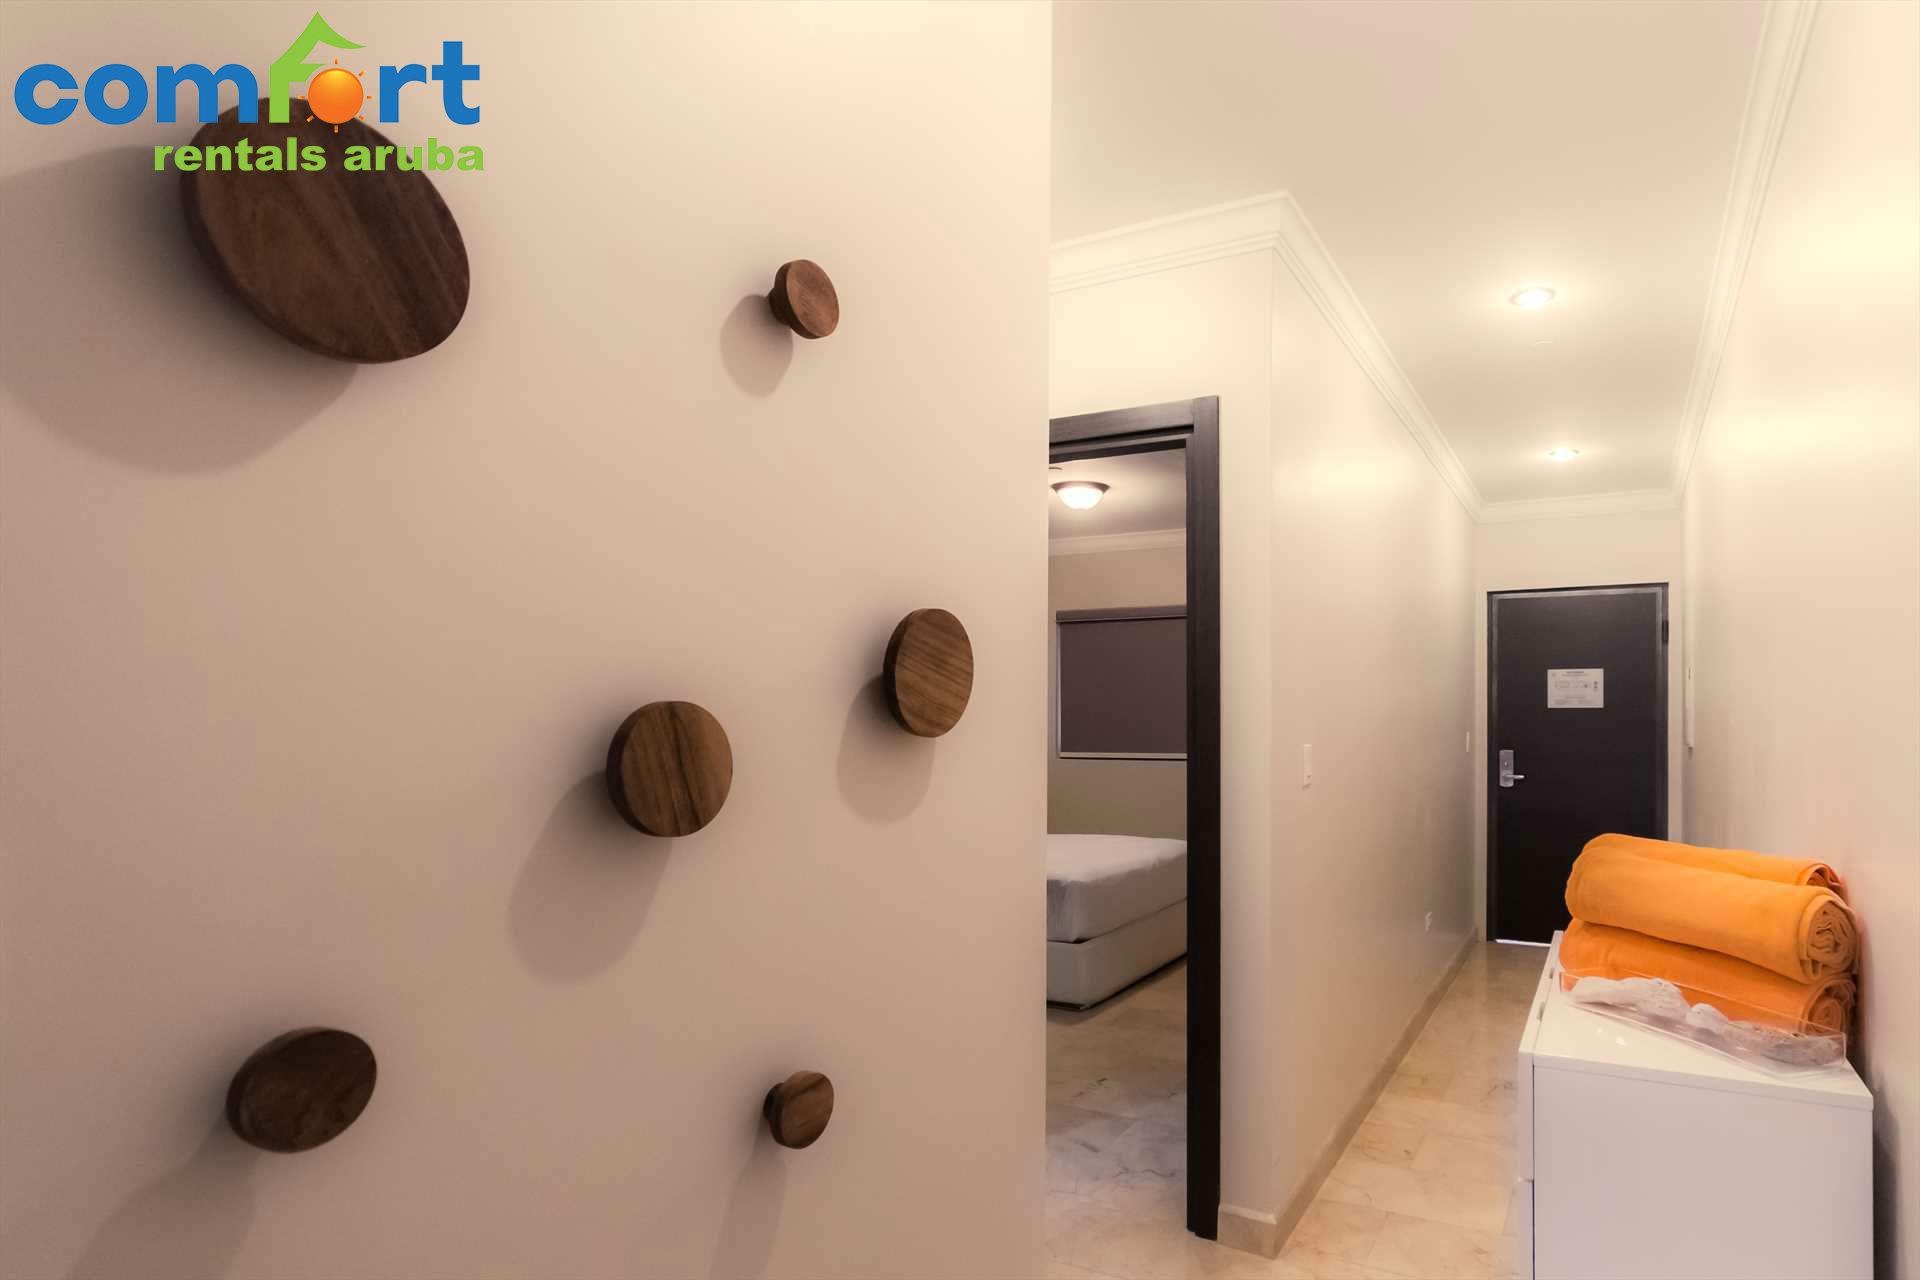 Condo entry door and hallway